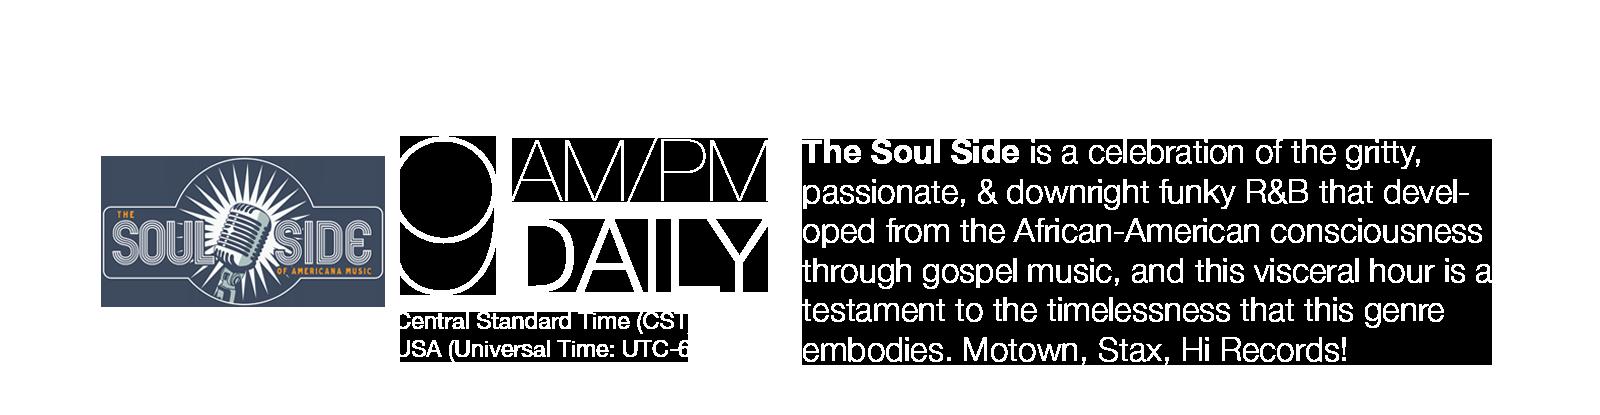 HomePageSlide-SoulSide9-new